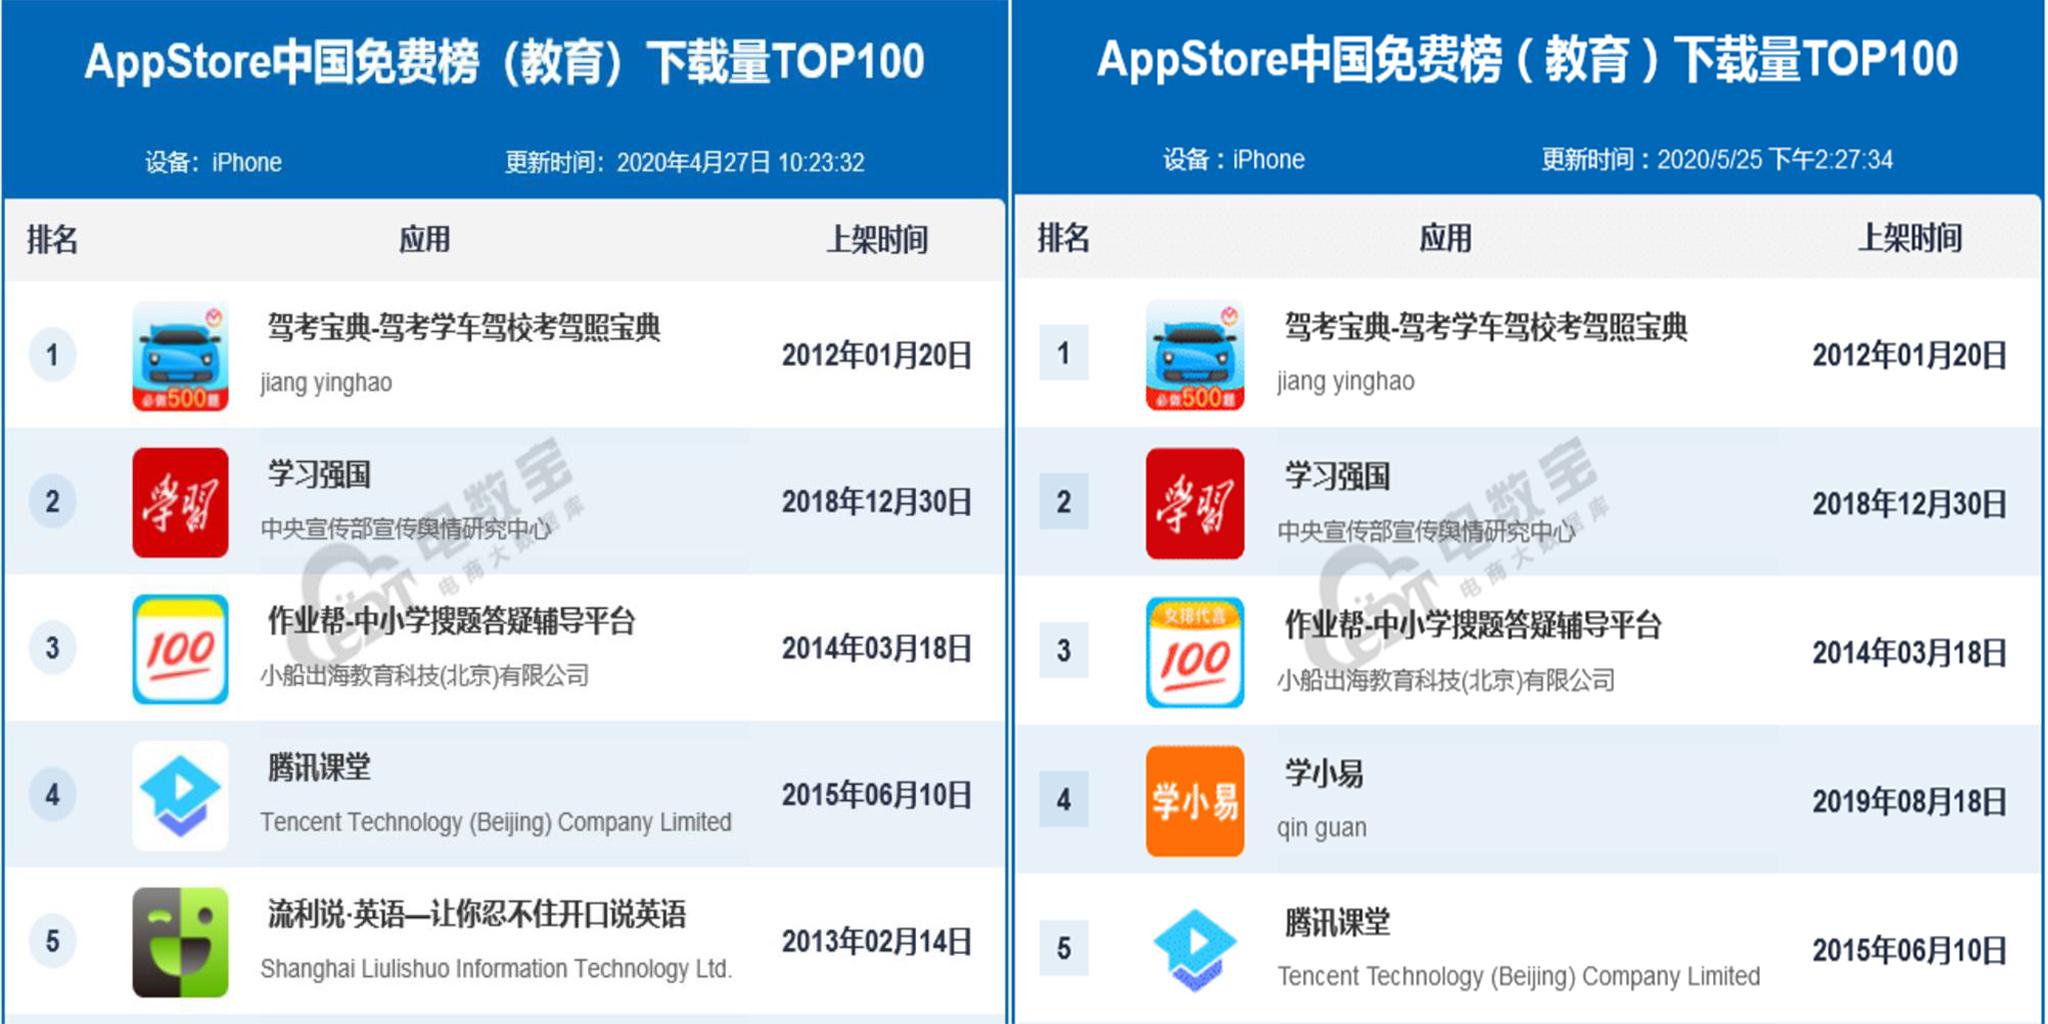 5月App Store中國免費榜(教育)TOP100發布 駕考寶典蟬聯第一